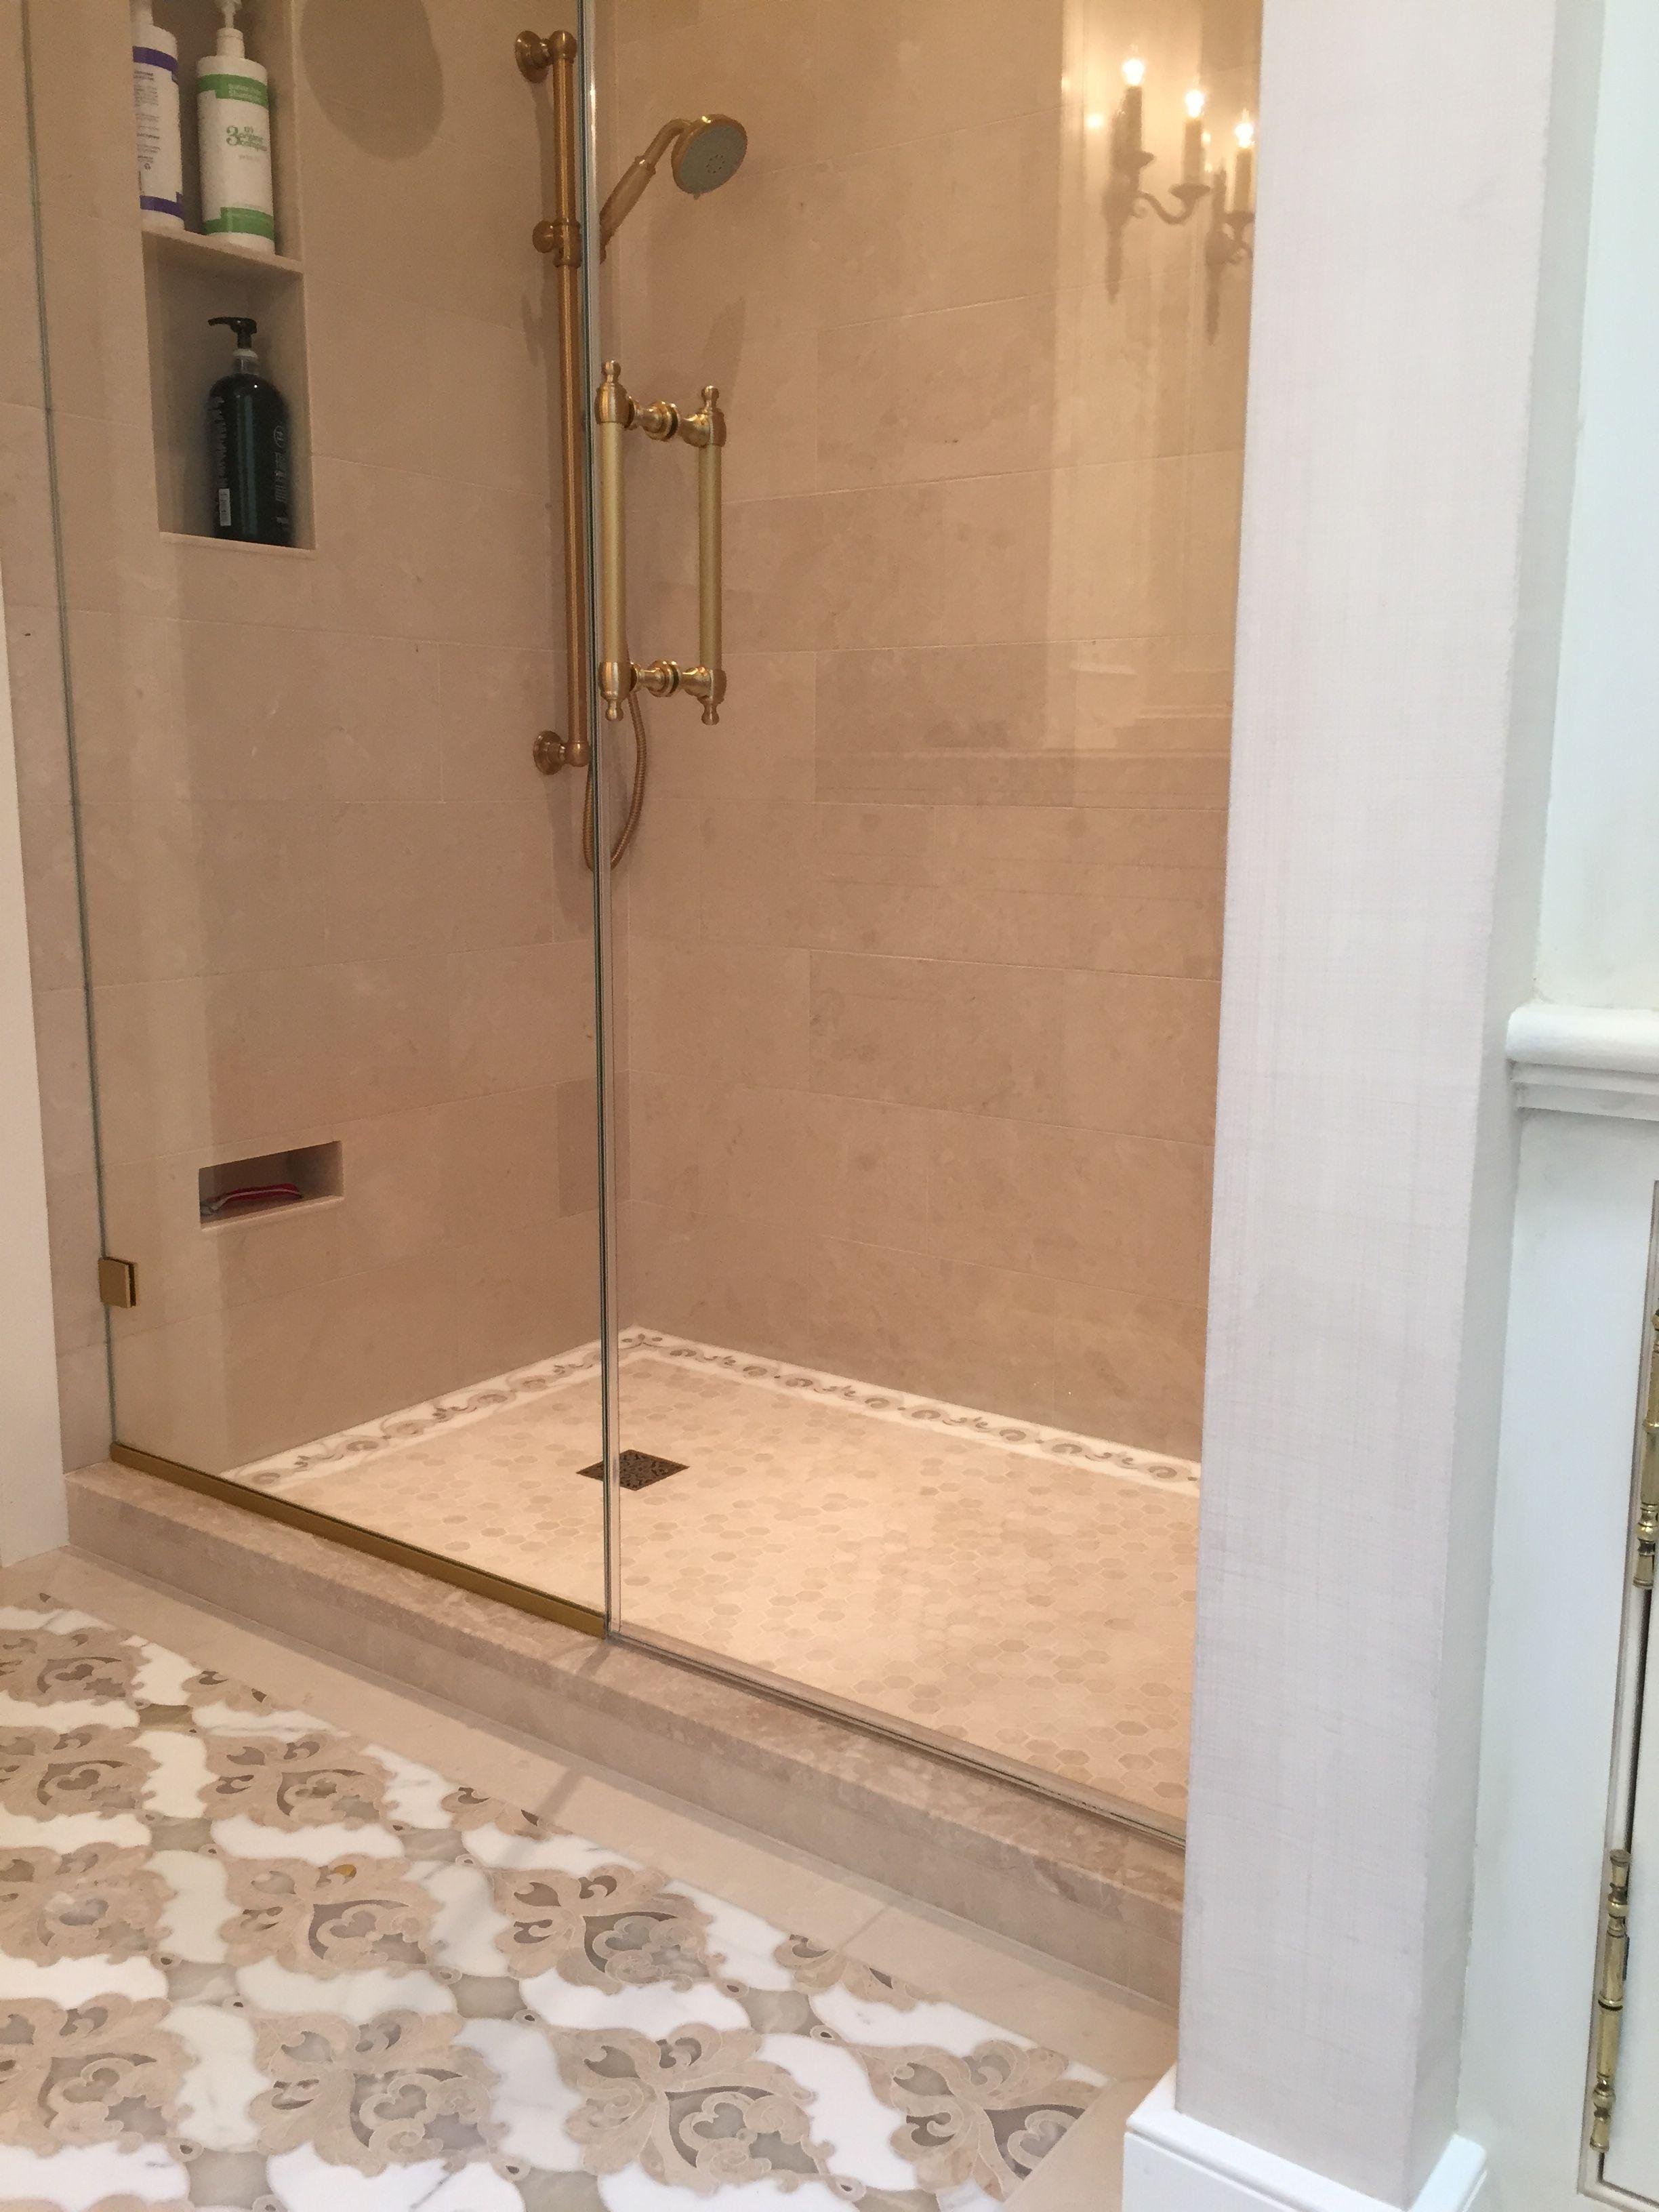 Waterjet Mosaic Floor Available Through Renaissance Tile & Bath ...